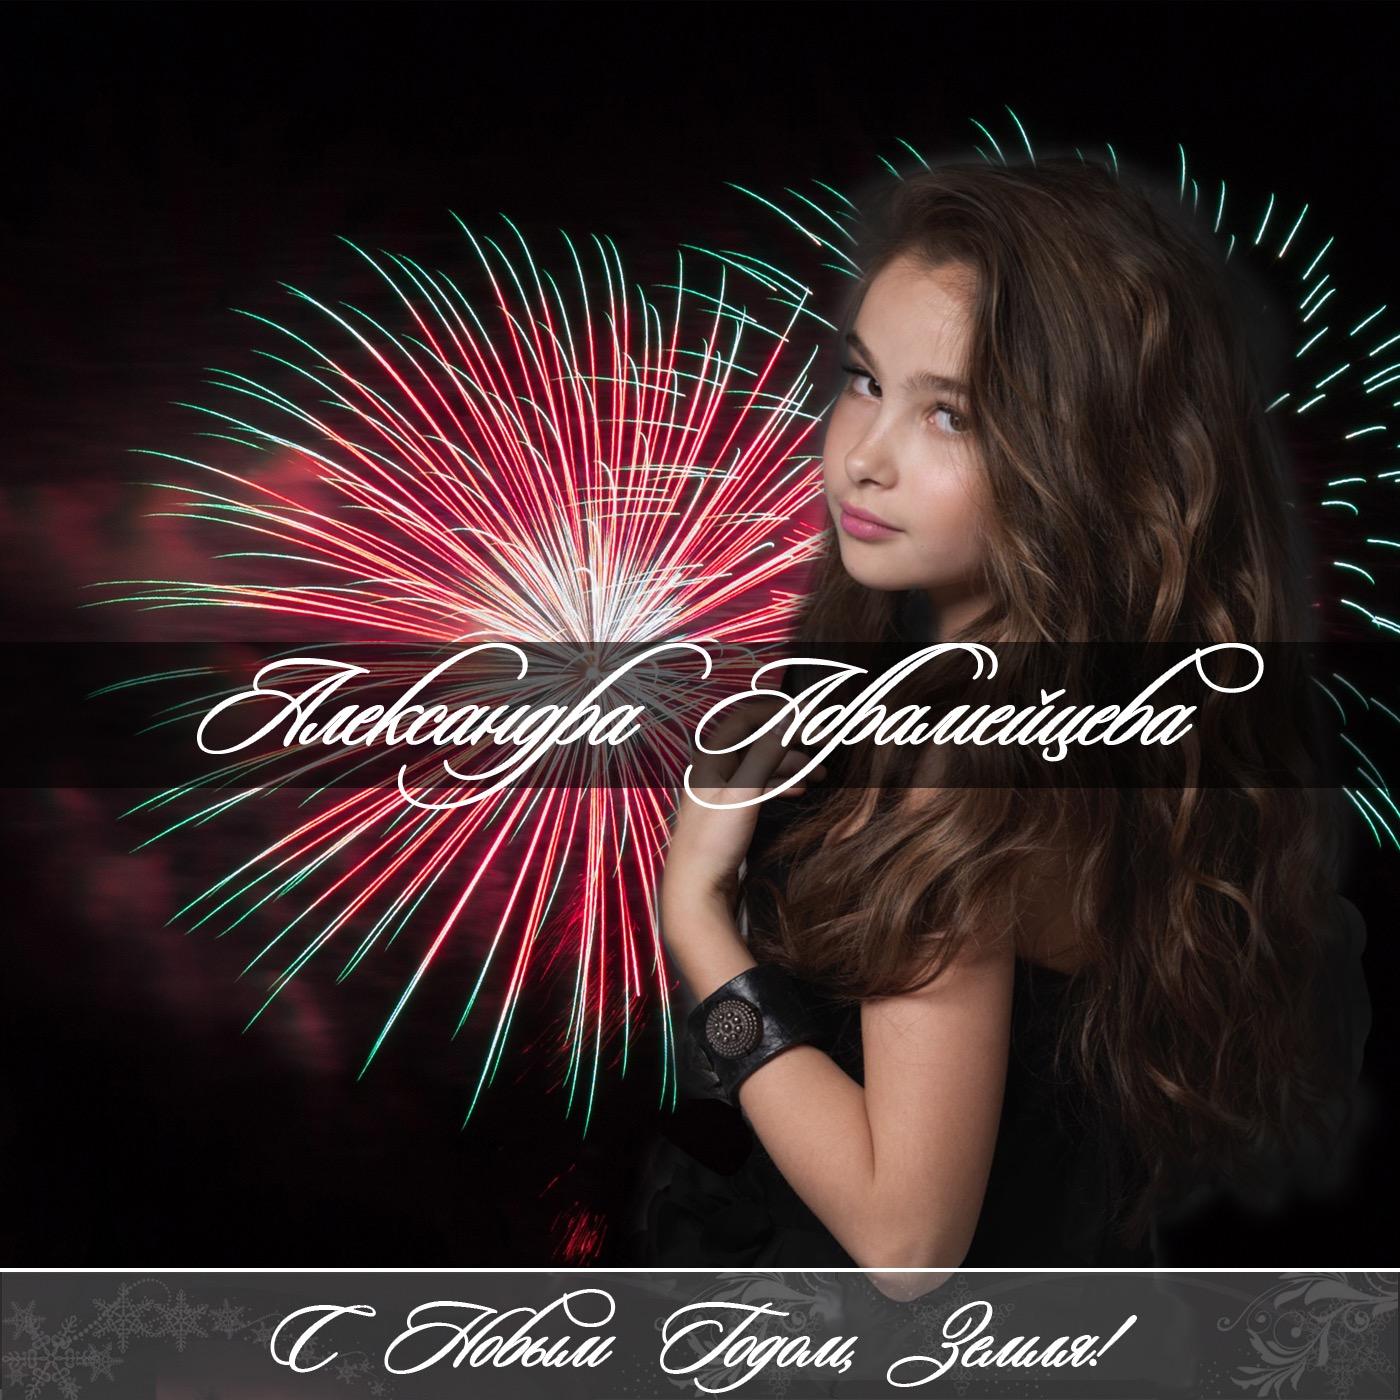 Новогодний сингл Александры Абрамейцевой «С Новым Годом, Земля!» на всех интернет-площадках